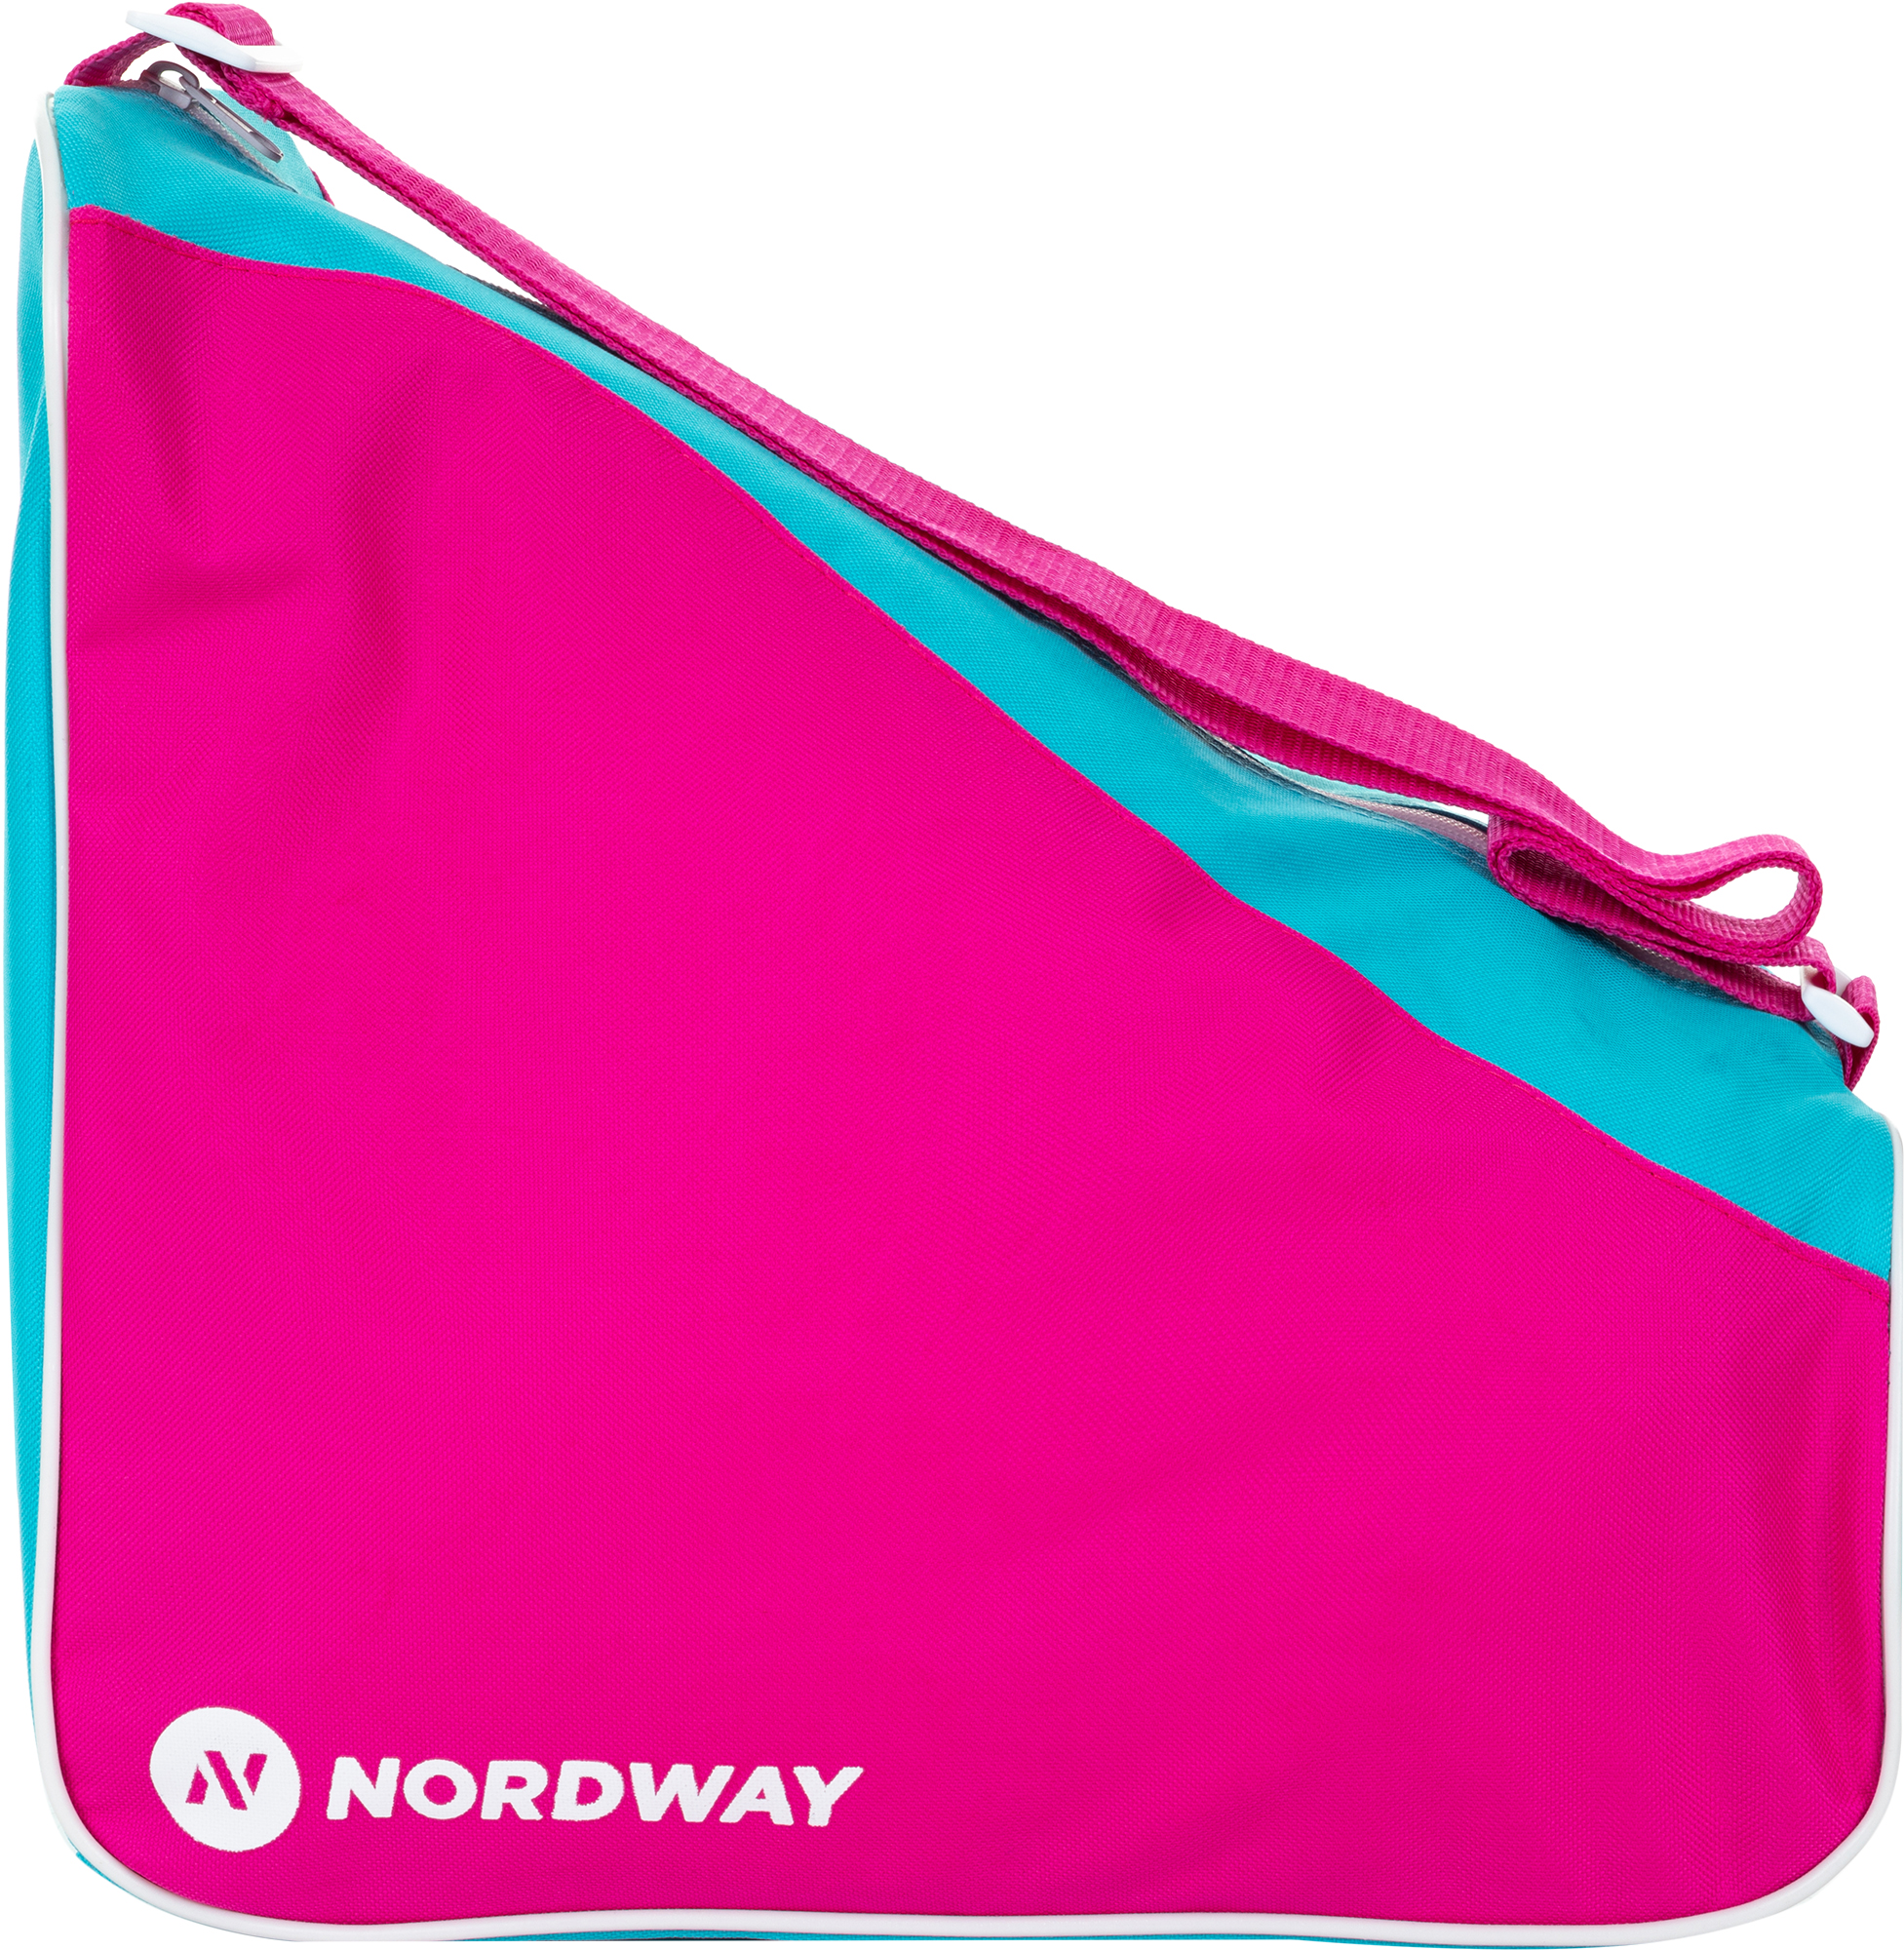 nordway клюшка хоккейная детская nordway Nordway Сумка для ледовых коньков детская Nordway